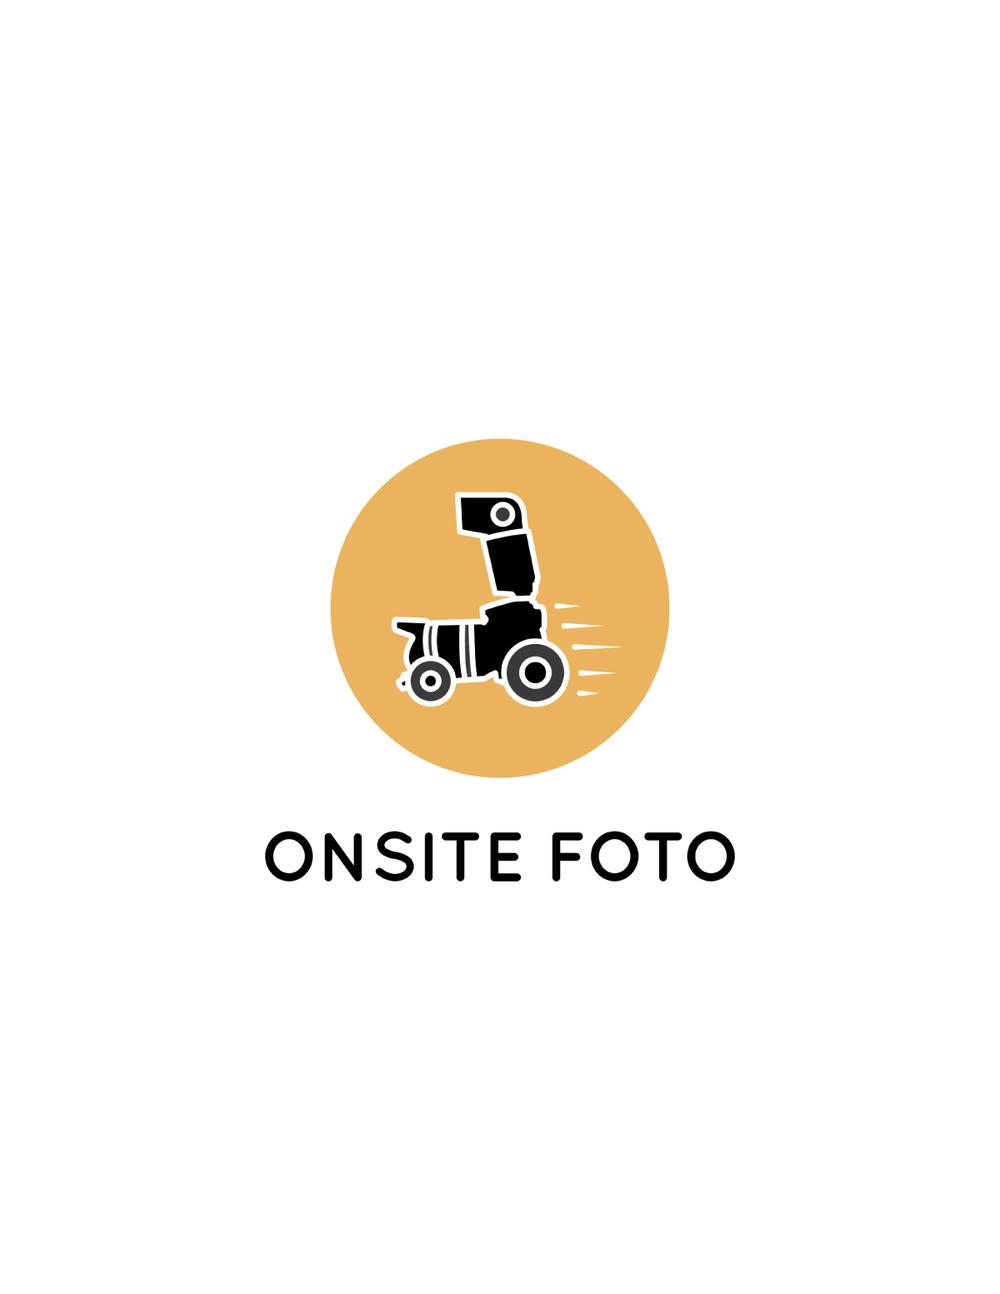 Onsite-Logo-11.jpg